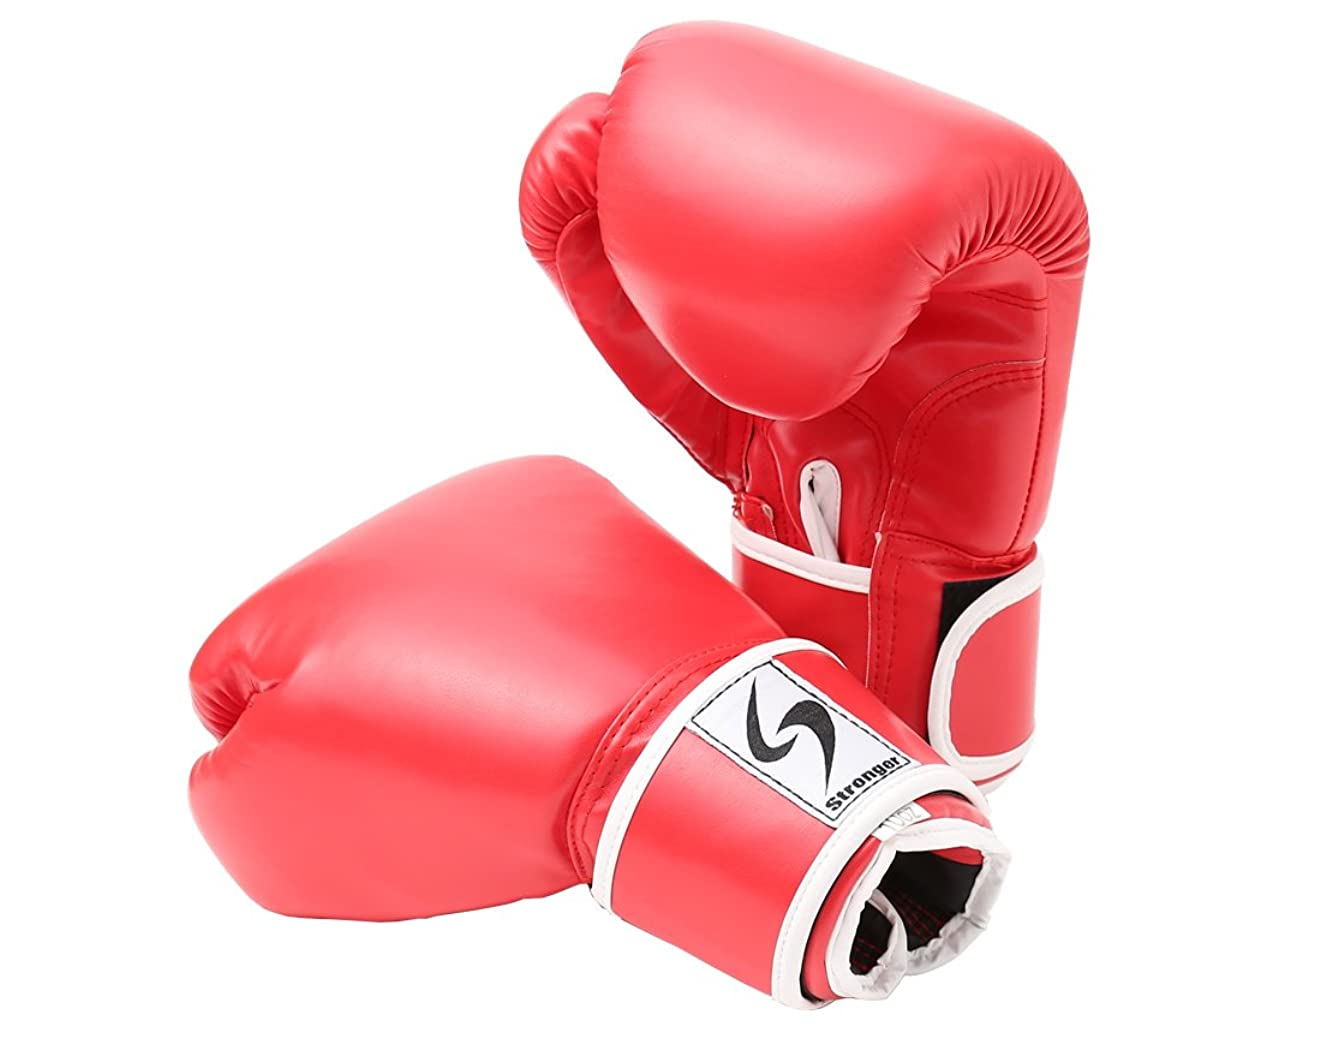 会社見込み抜本的なPURE RISE(ピュアライズ) ボクシンググローブ 16オンス 左右セット